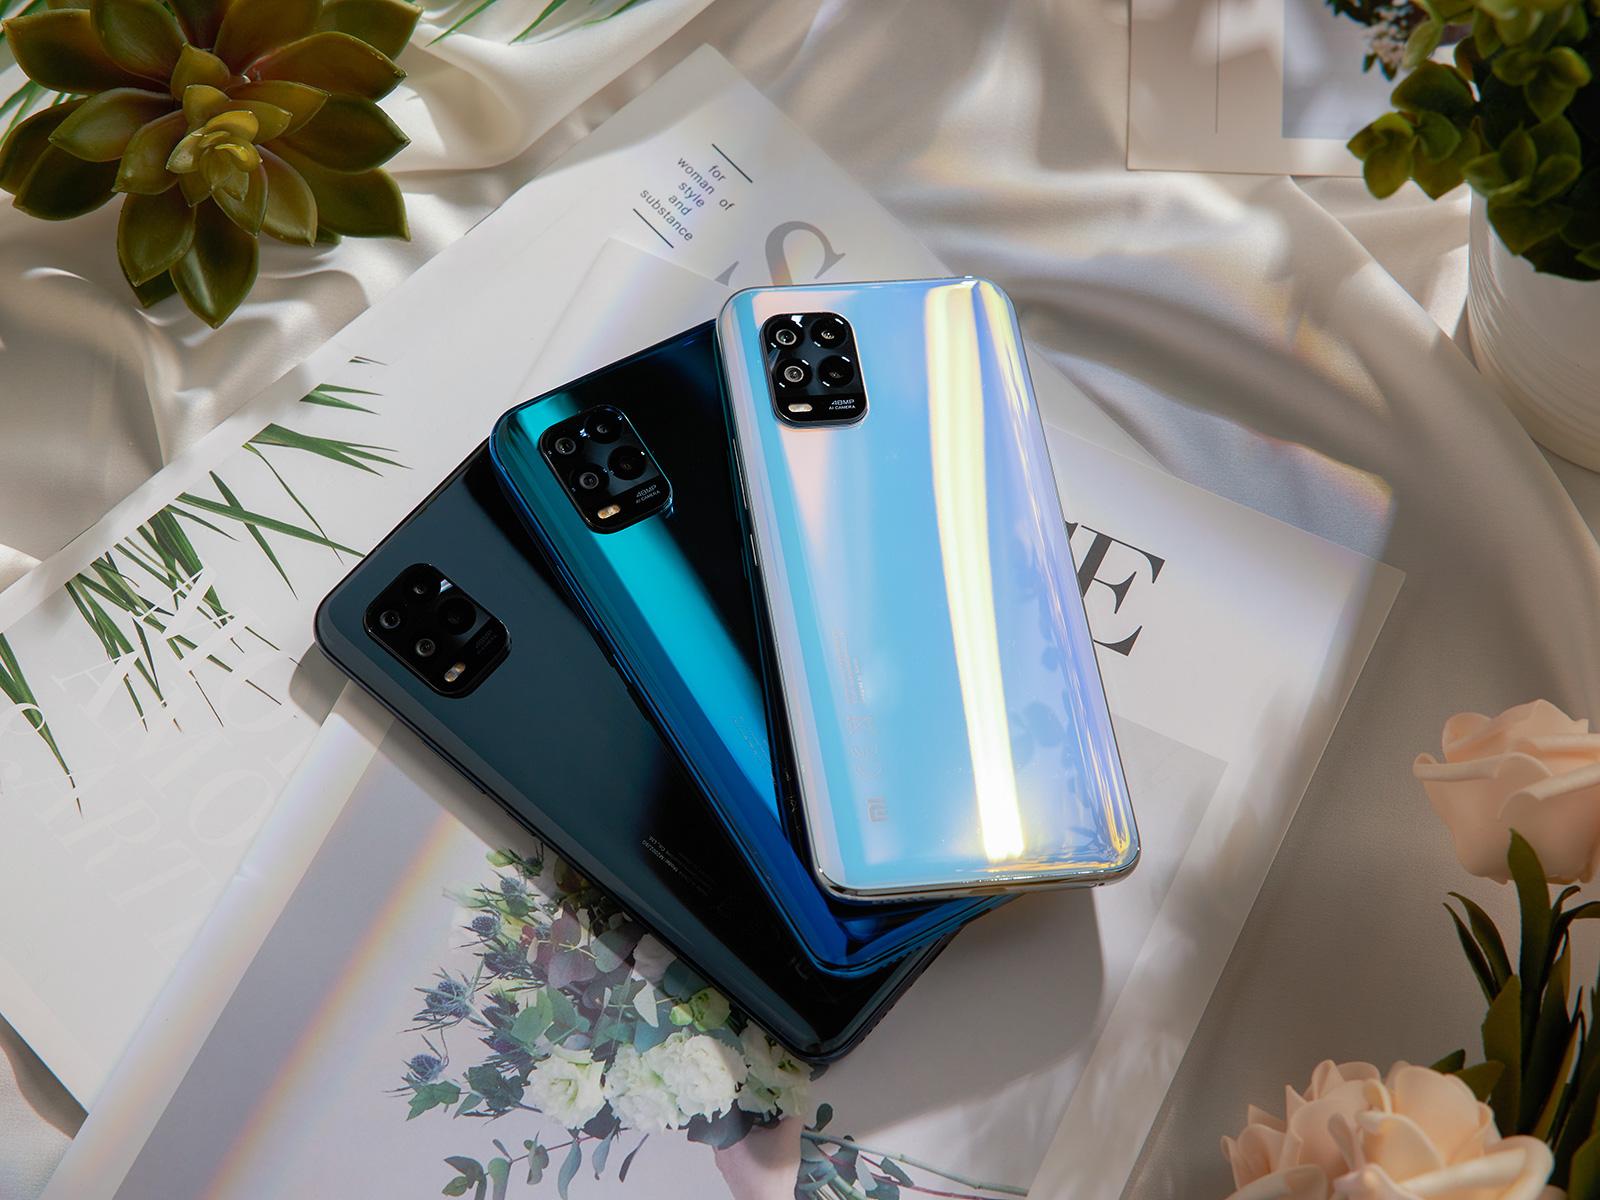 小米 10 Lite 5G 內置四鏡組合及影片剪輯功能,配合 5G 極速網絡,讓用家可以隨時製作及分享自家高清影片。